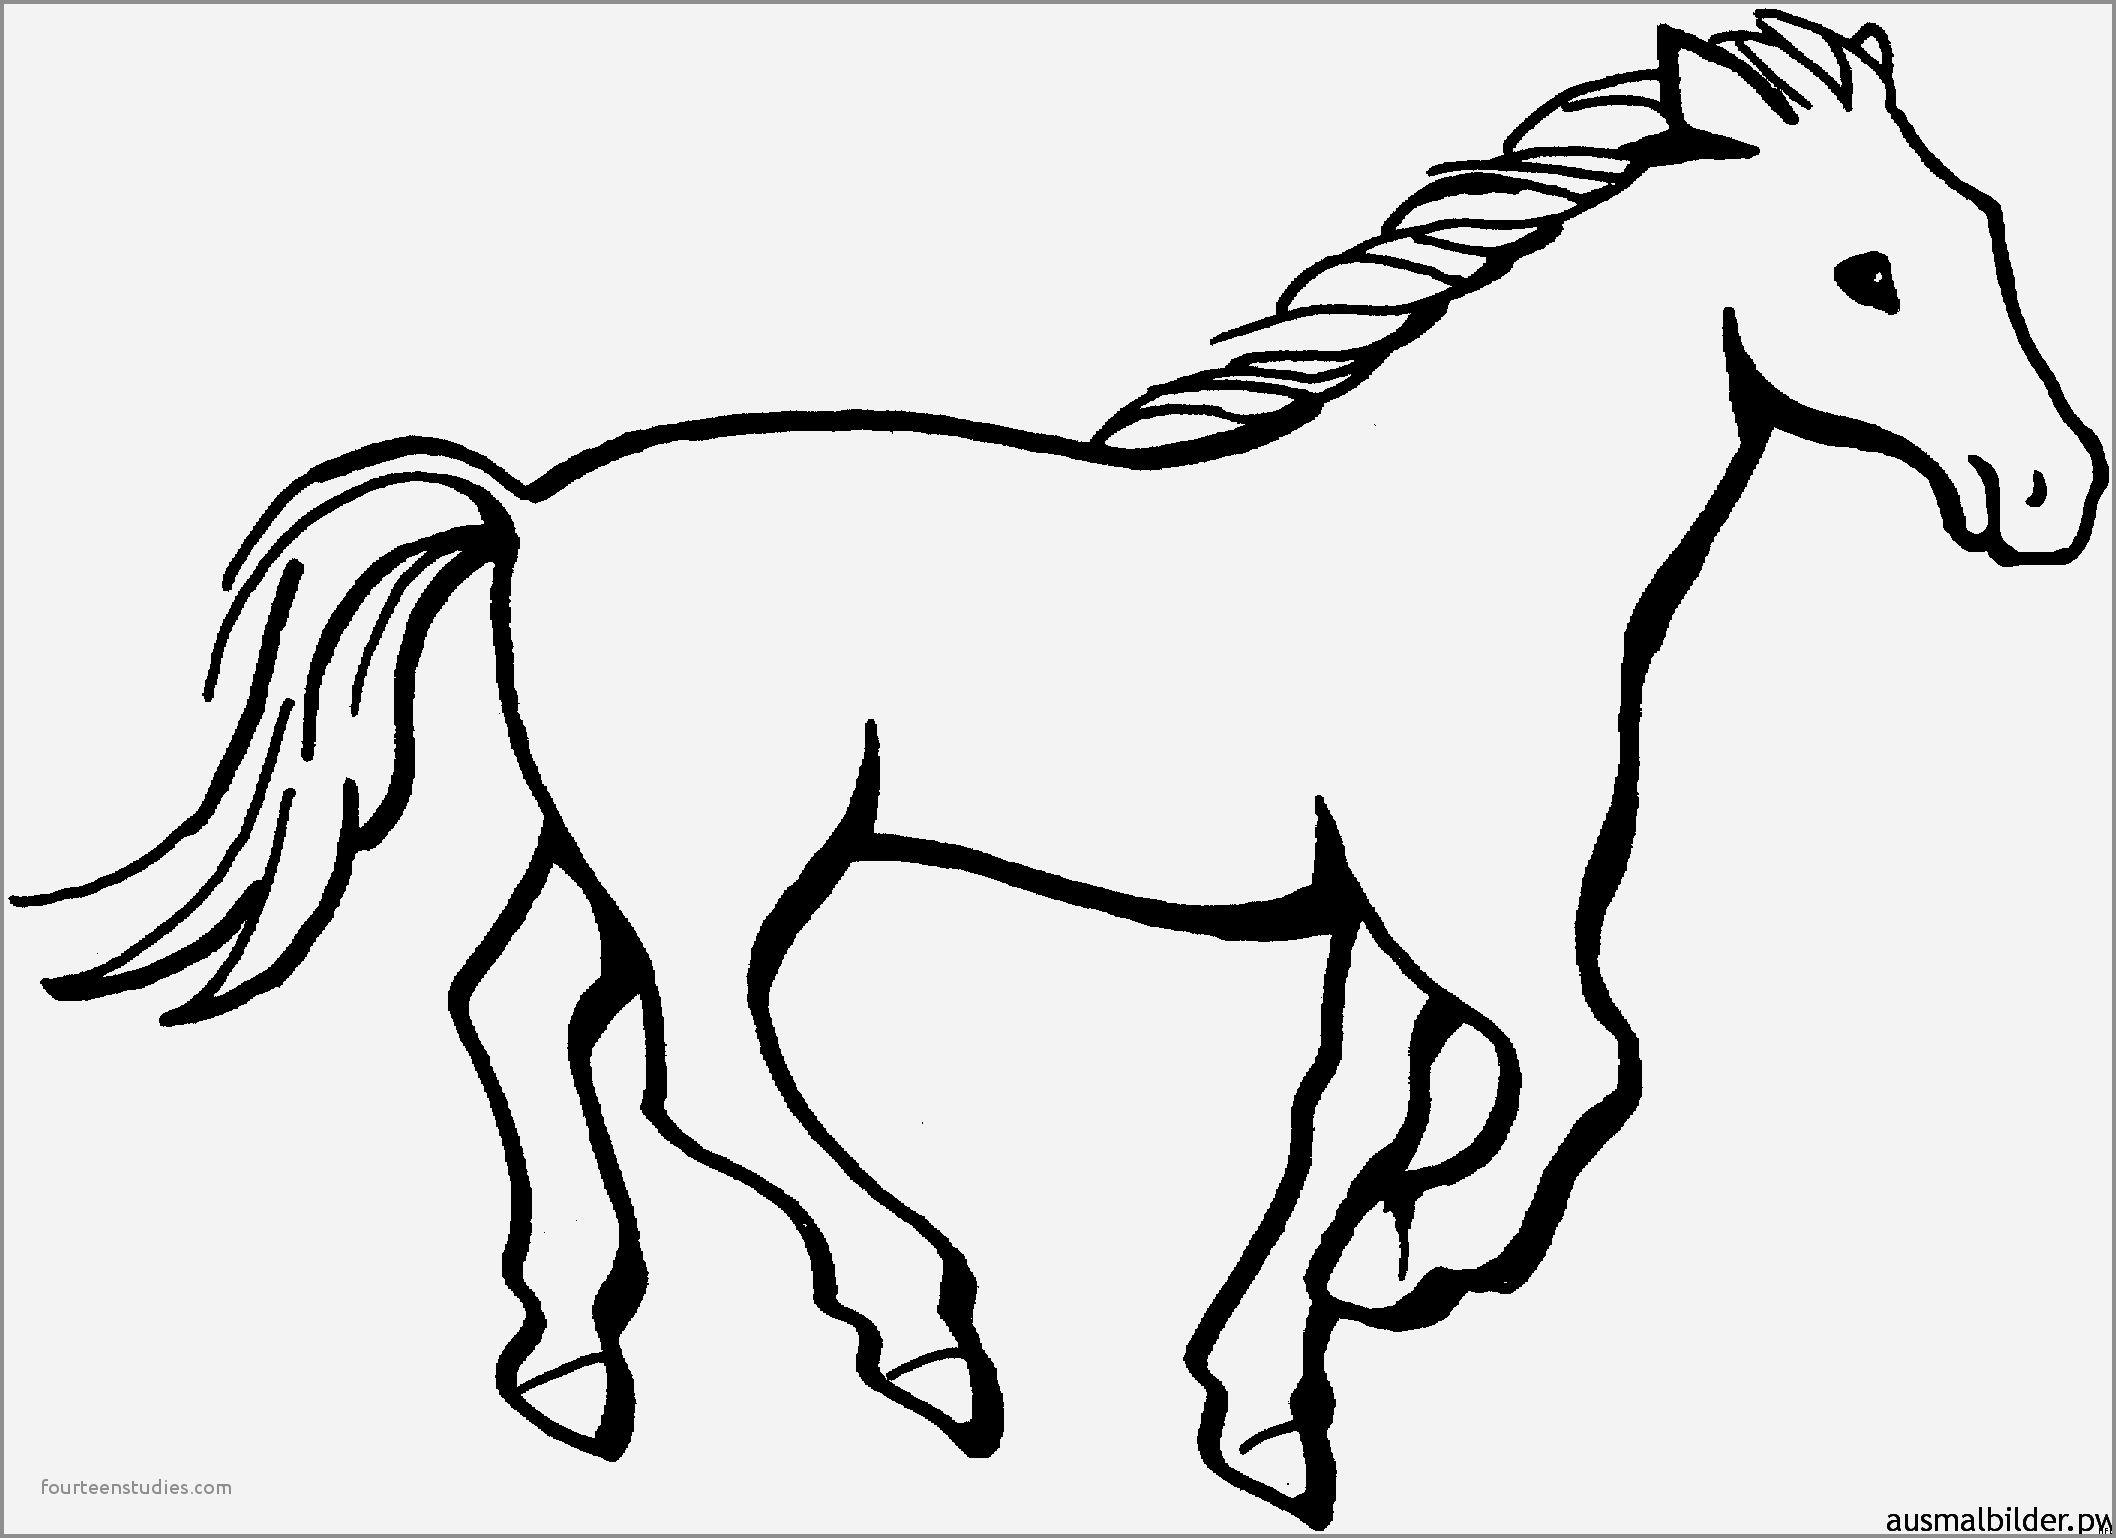 Pferde Ausmalbilder #ausmalbilder #pferde | Ausmalbilder in Malvorlage Pferdekopf